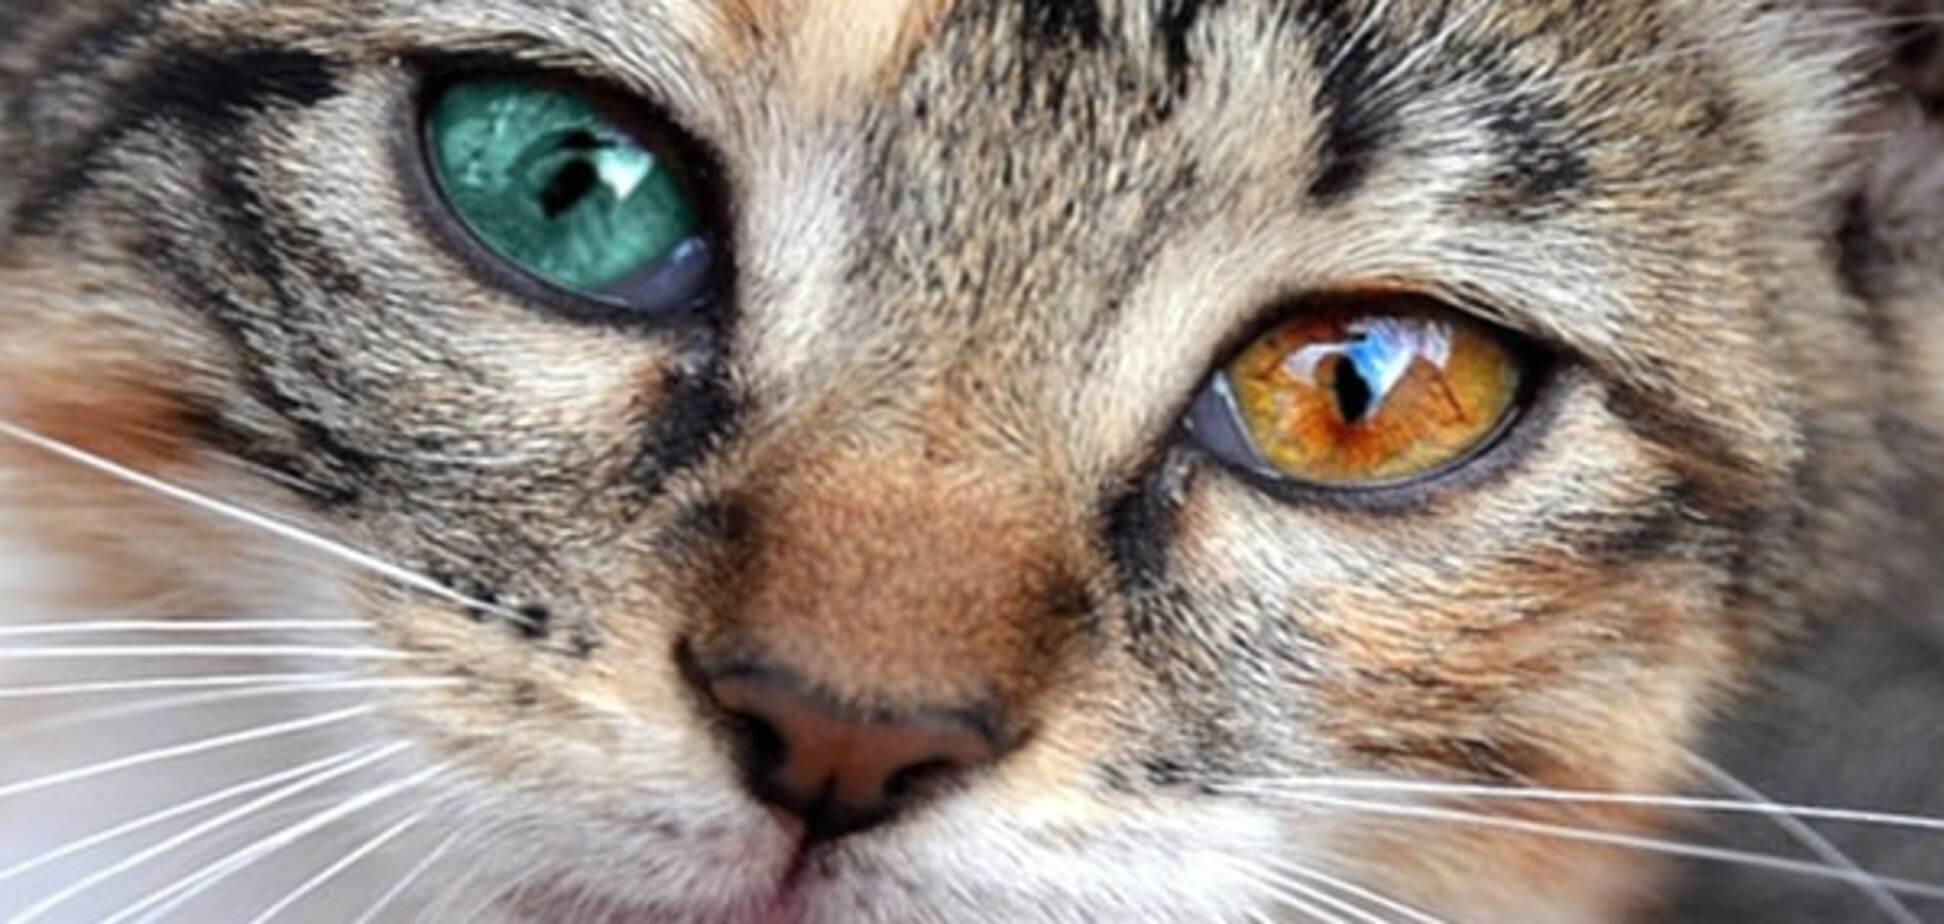 Чтоб я так жил: в Италии бродячие коты получили квартиру за €230 тыс.